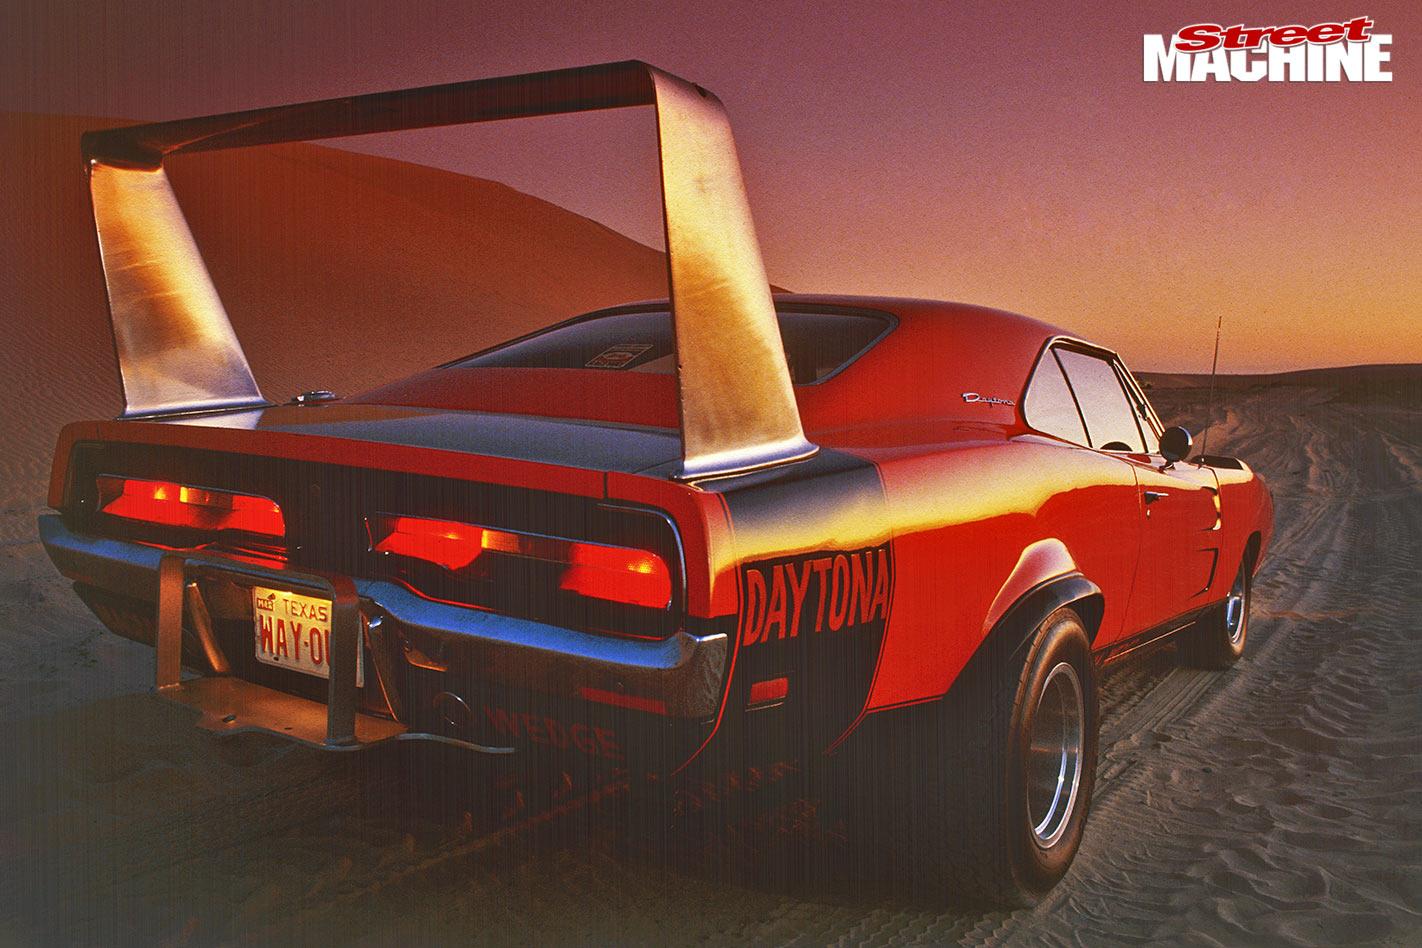 Dodge Charger Daytona street freak, photo 05.